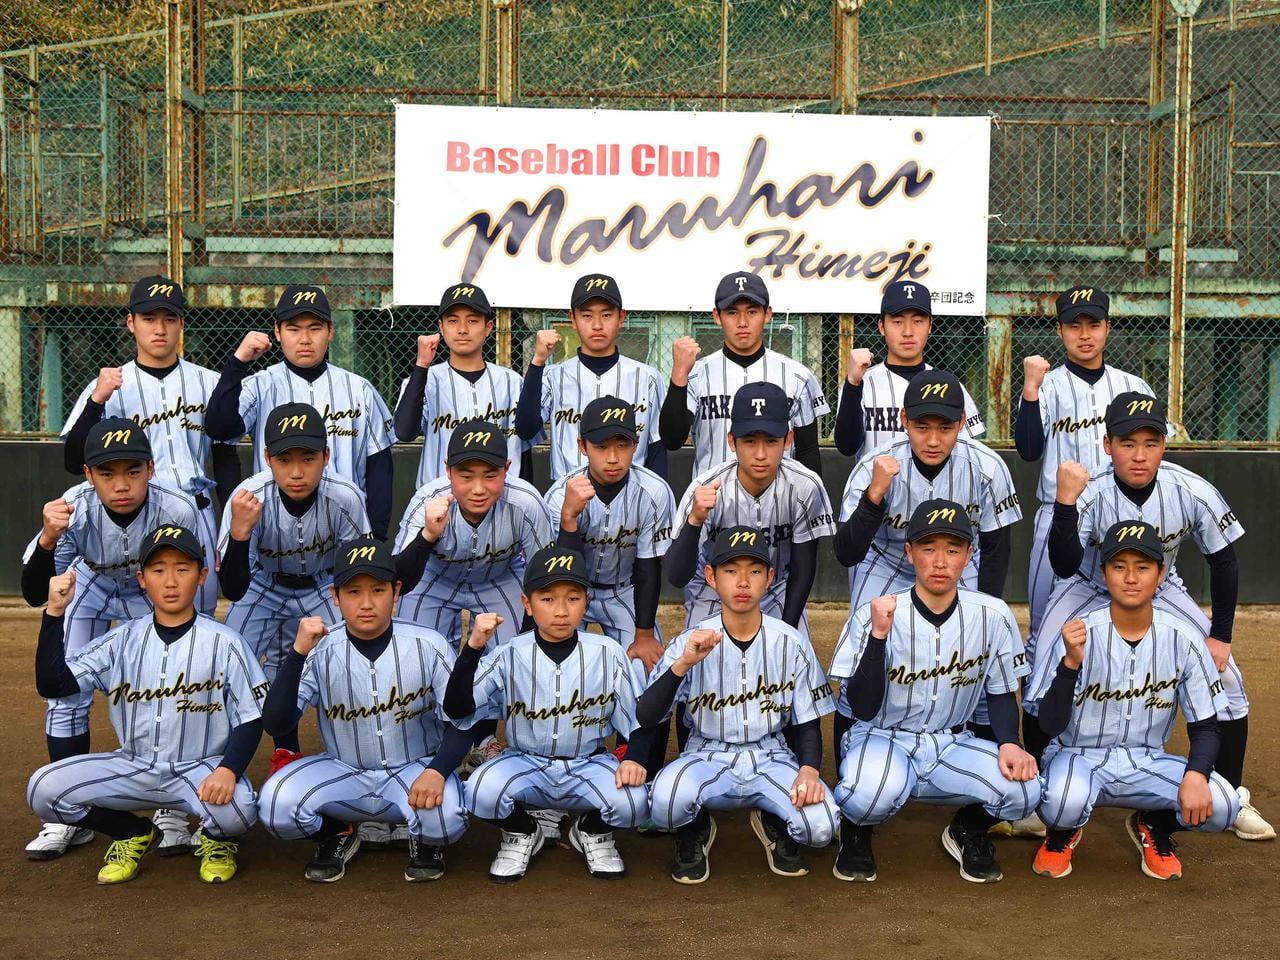 青春グラフィティ!兵庫・少年野球「まるはり姫路ベースボールクラブ」